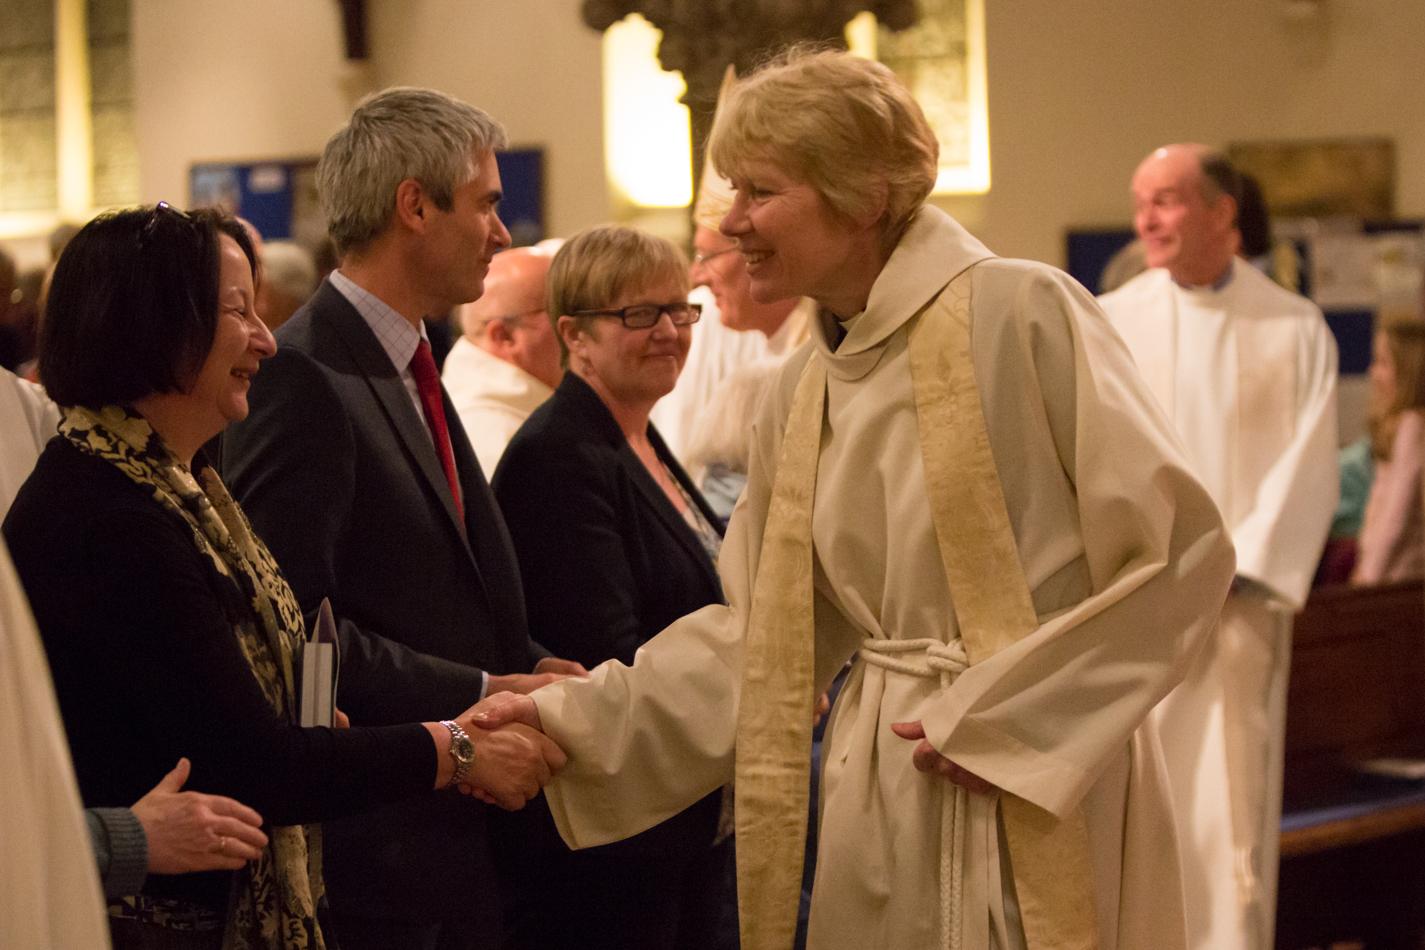 Revd Canon Dr Ann Nickson